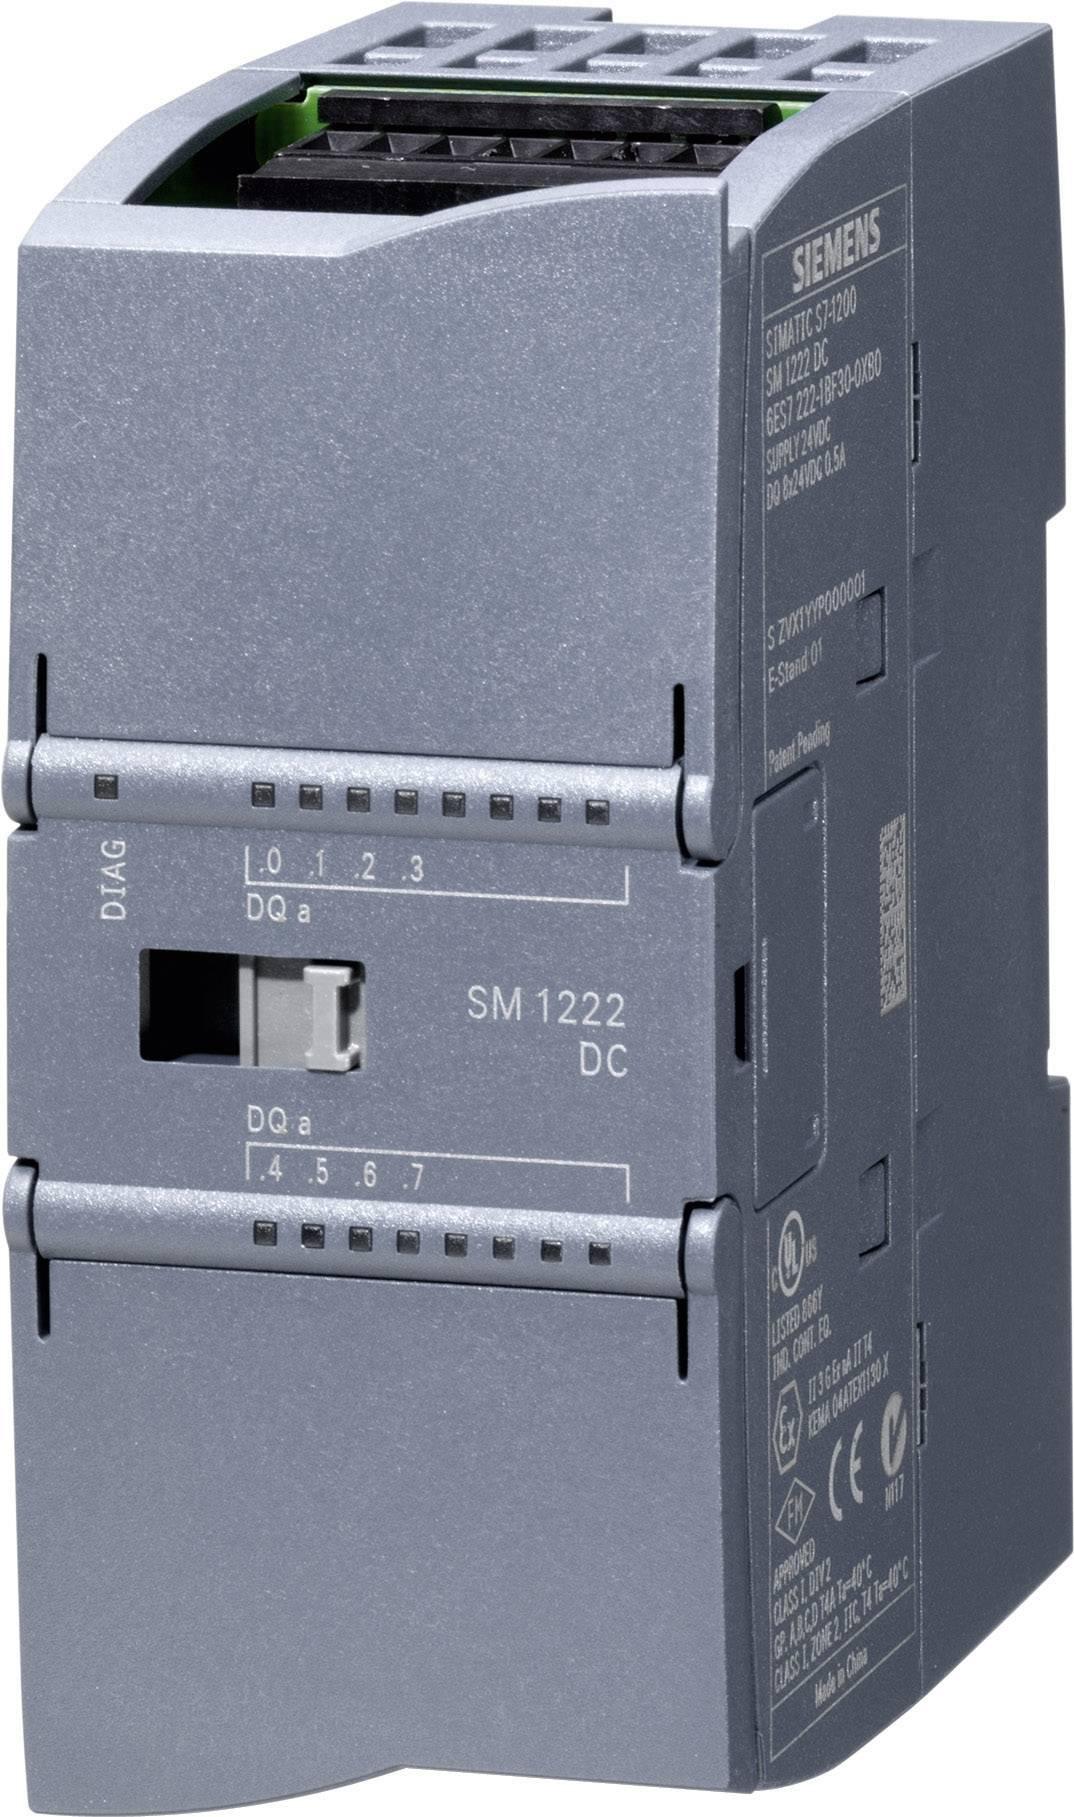 Rozšiřovací PLC modul Siemens SM 1222 (6ES7222-1HF32-0XB0)